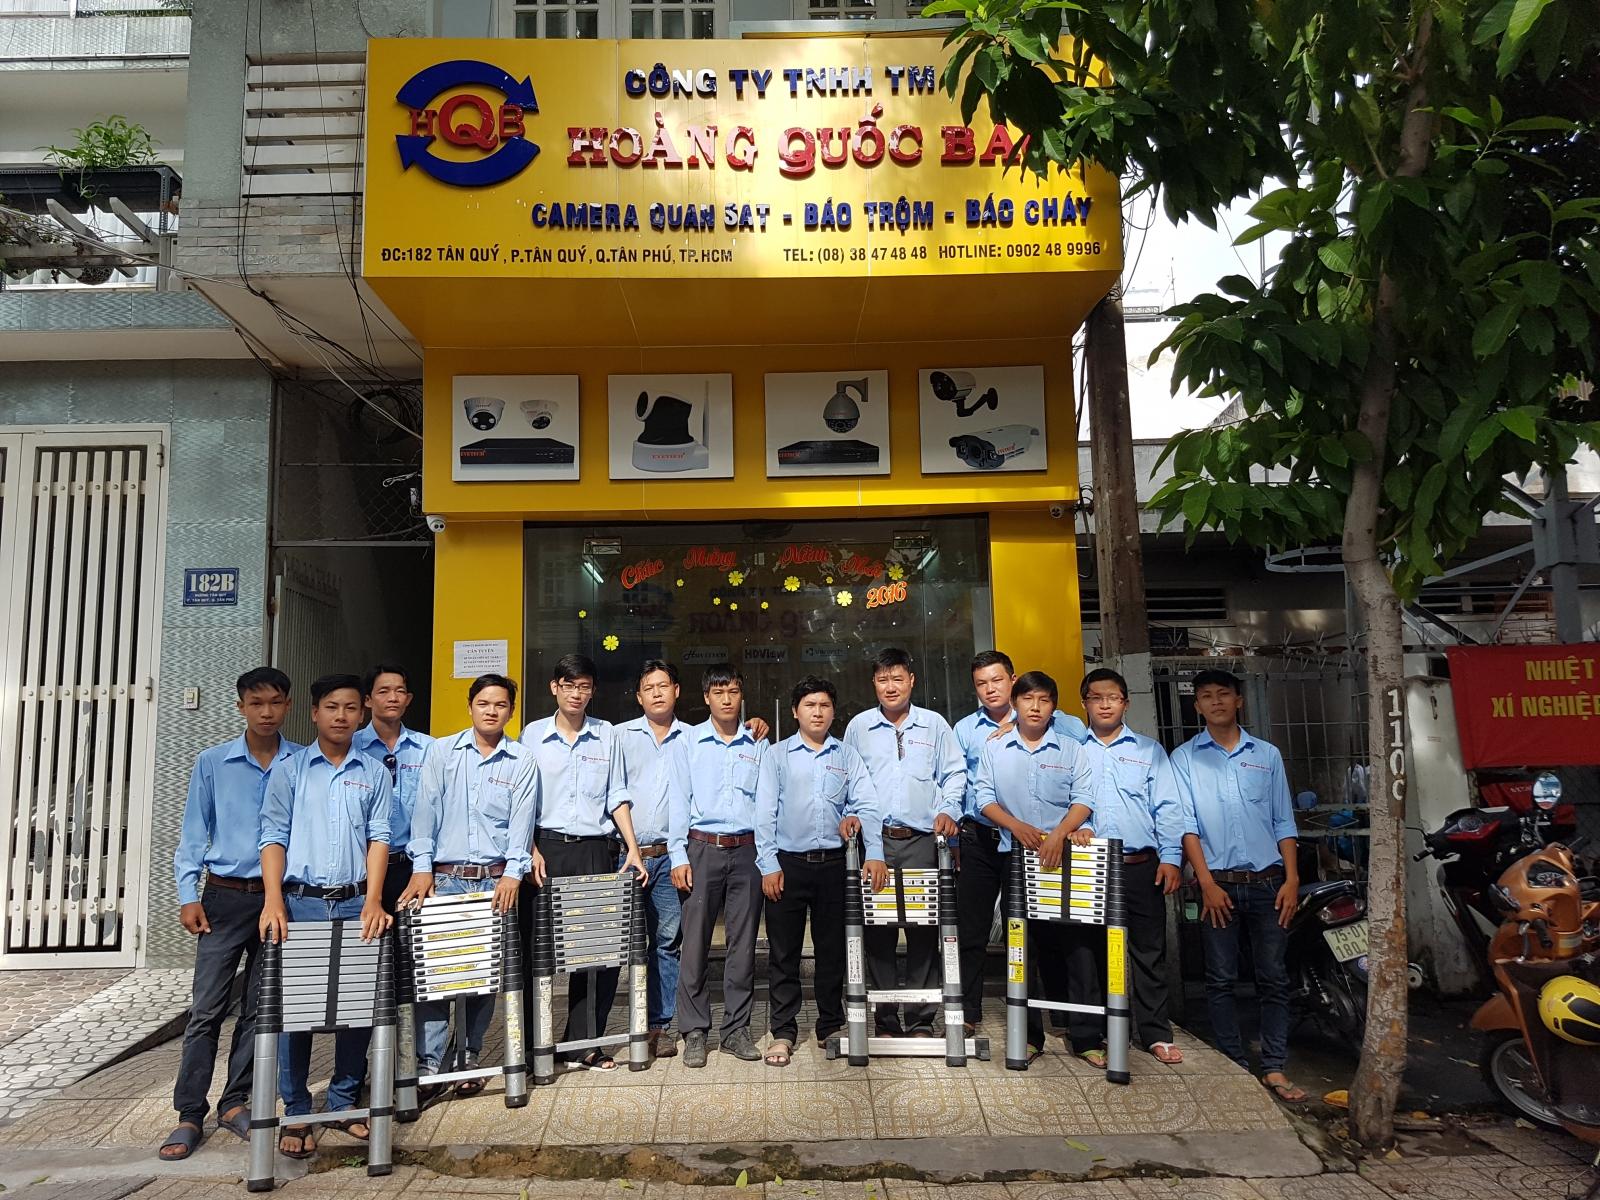 Dịch vụ lắp đặt camera giá rẻ trọn gói tại Biên Hòa - Đồng Nai